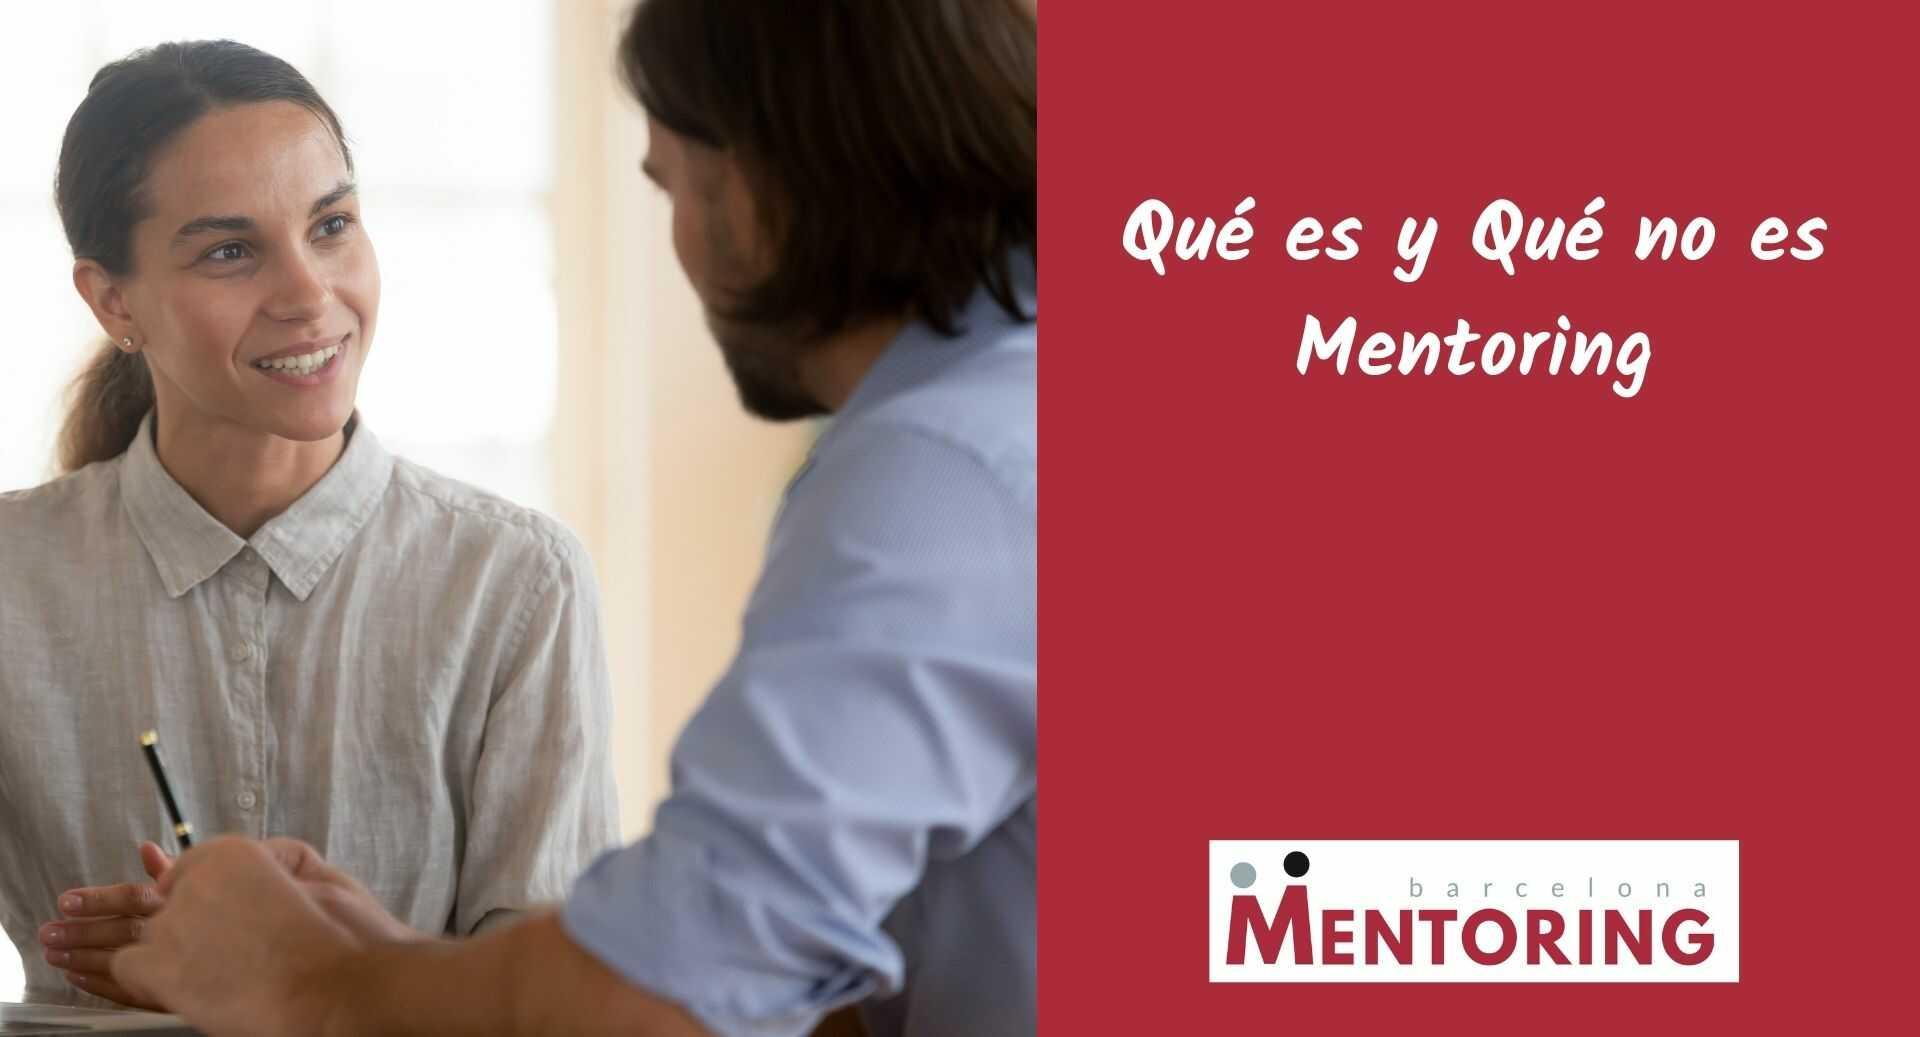 Qué es mentoring y Qué no es mentoring